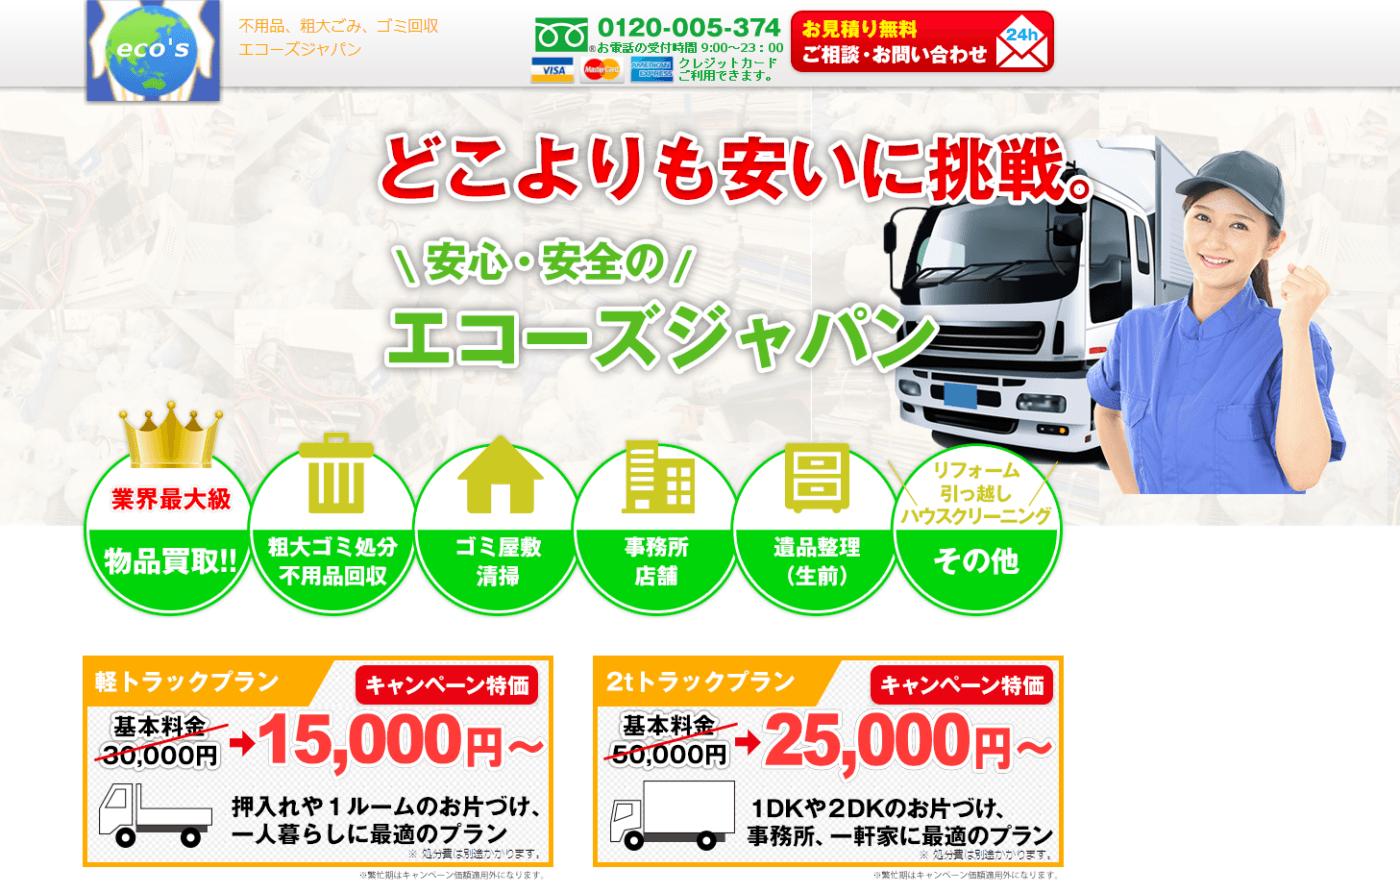 エコーズジャパン